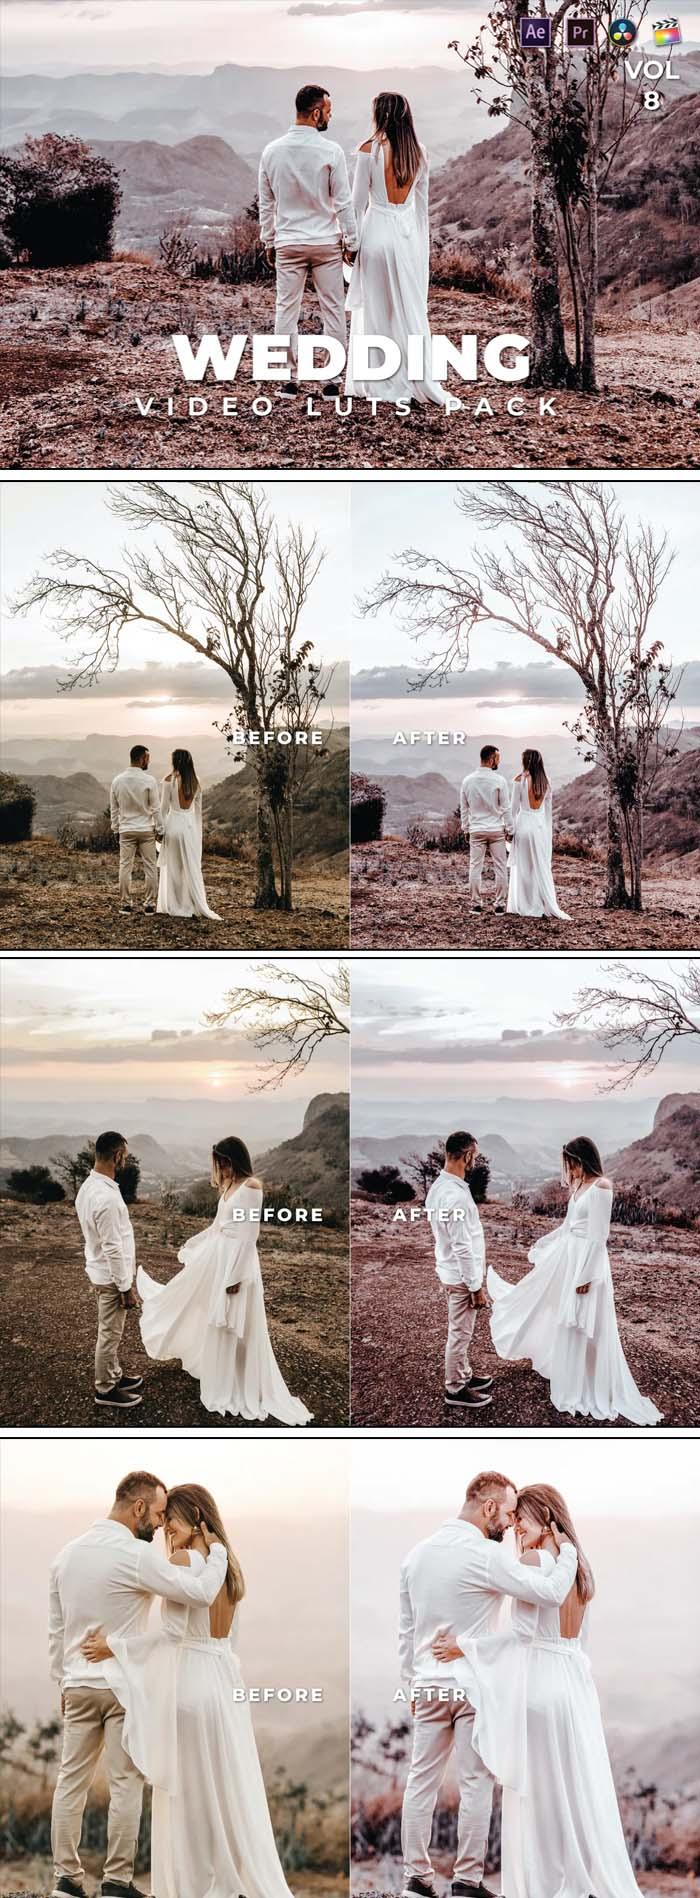 Wedding Pack Video LUTs Vol.8